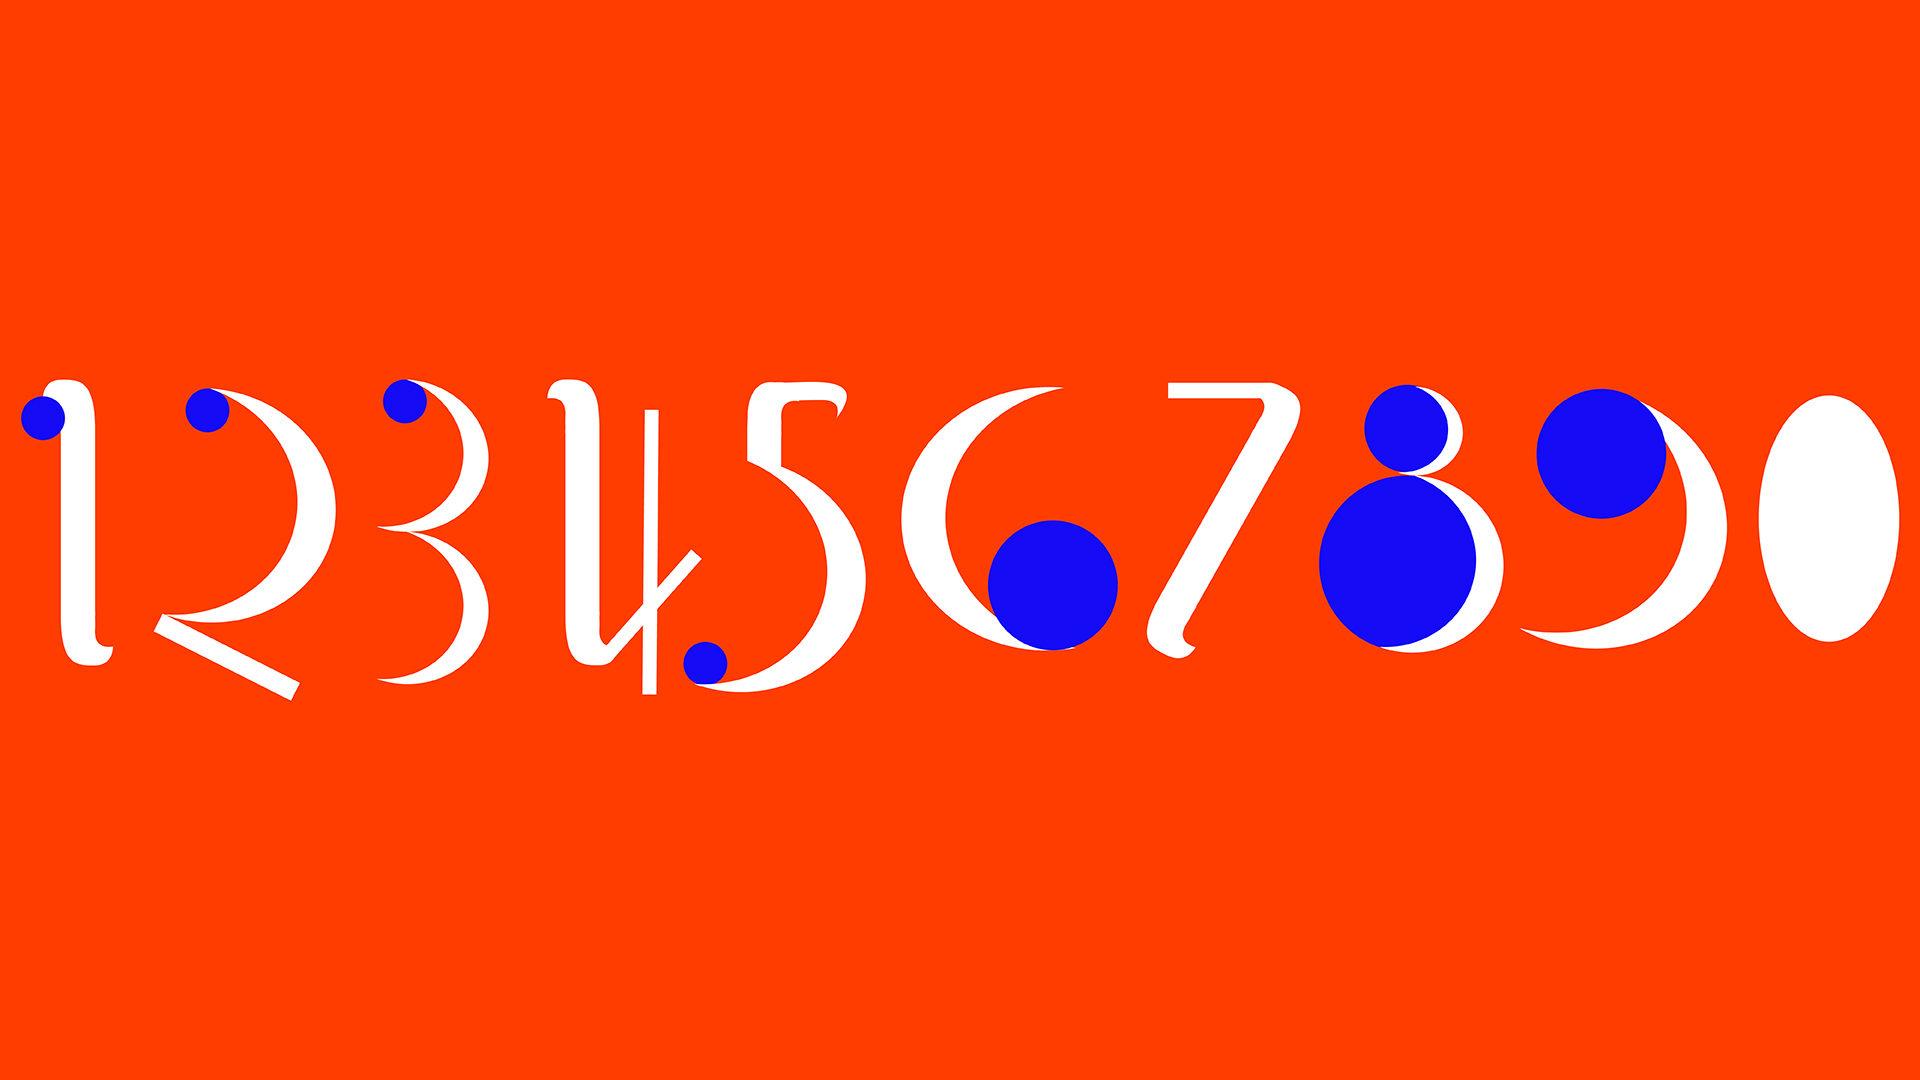 custom numericals in bright blue, orange and white